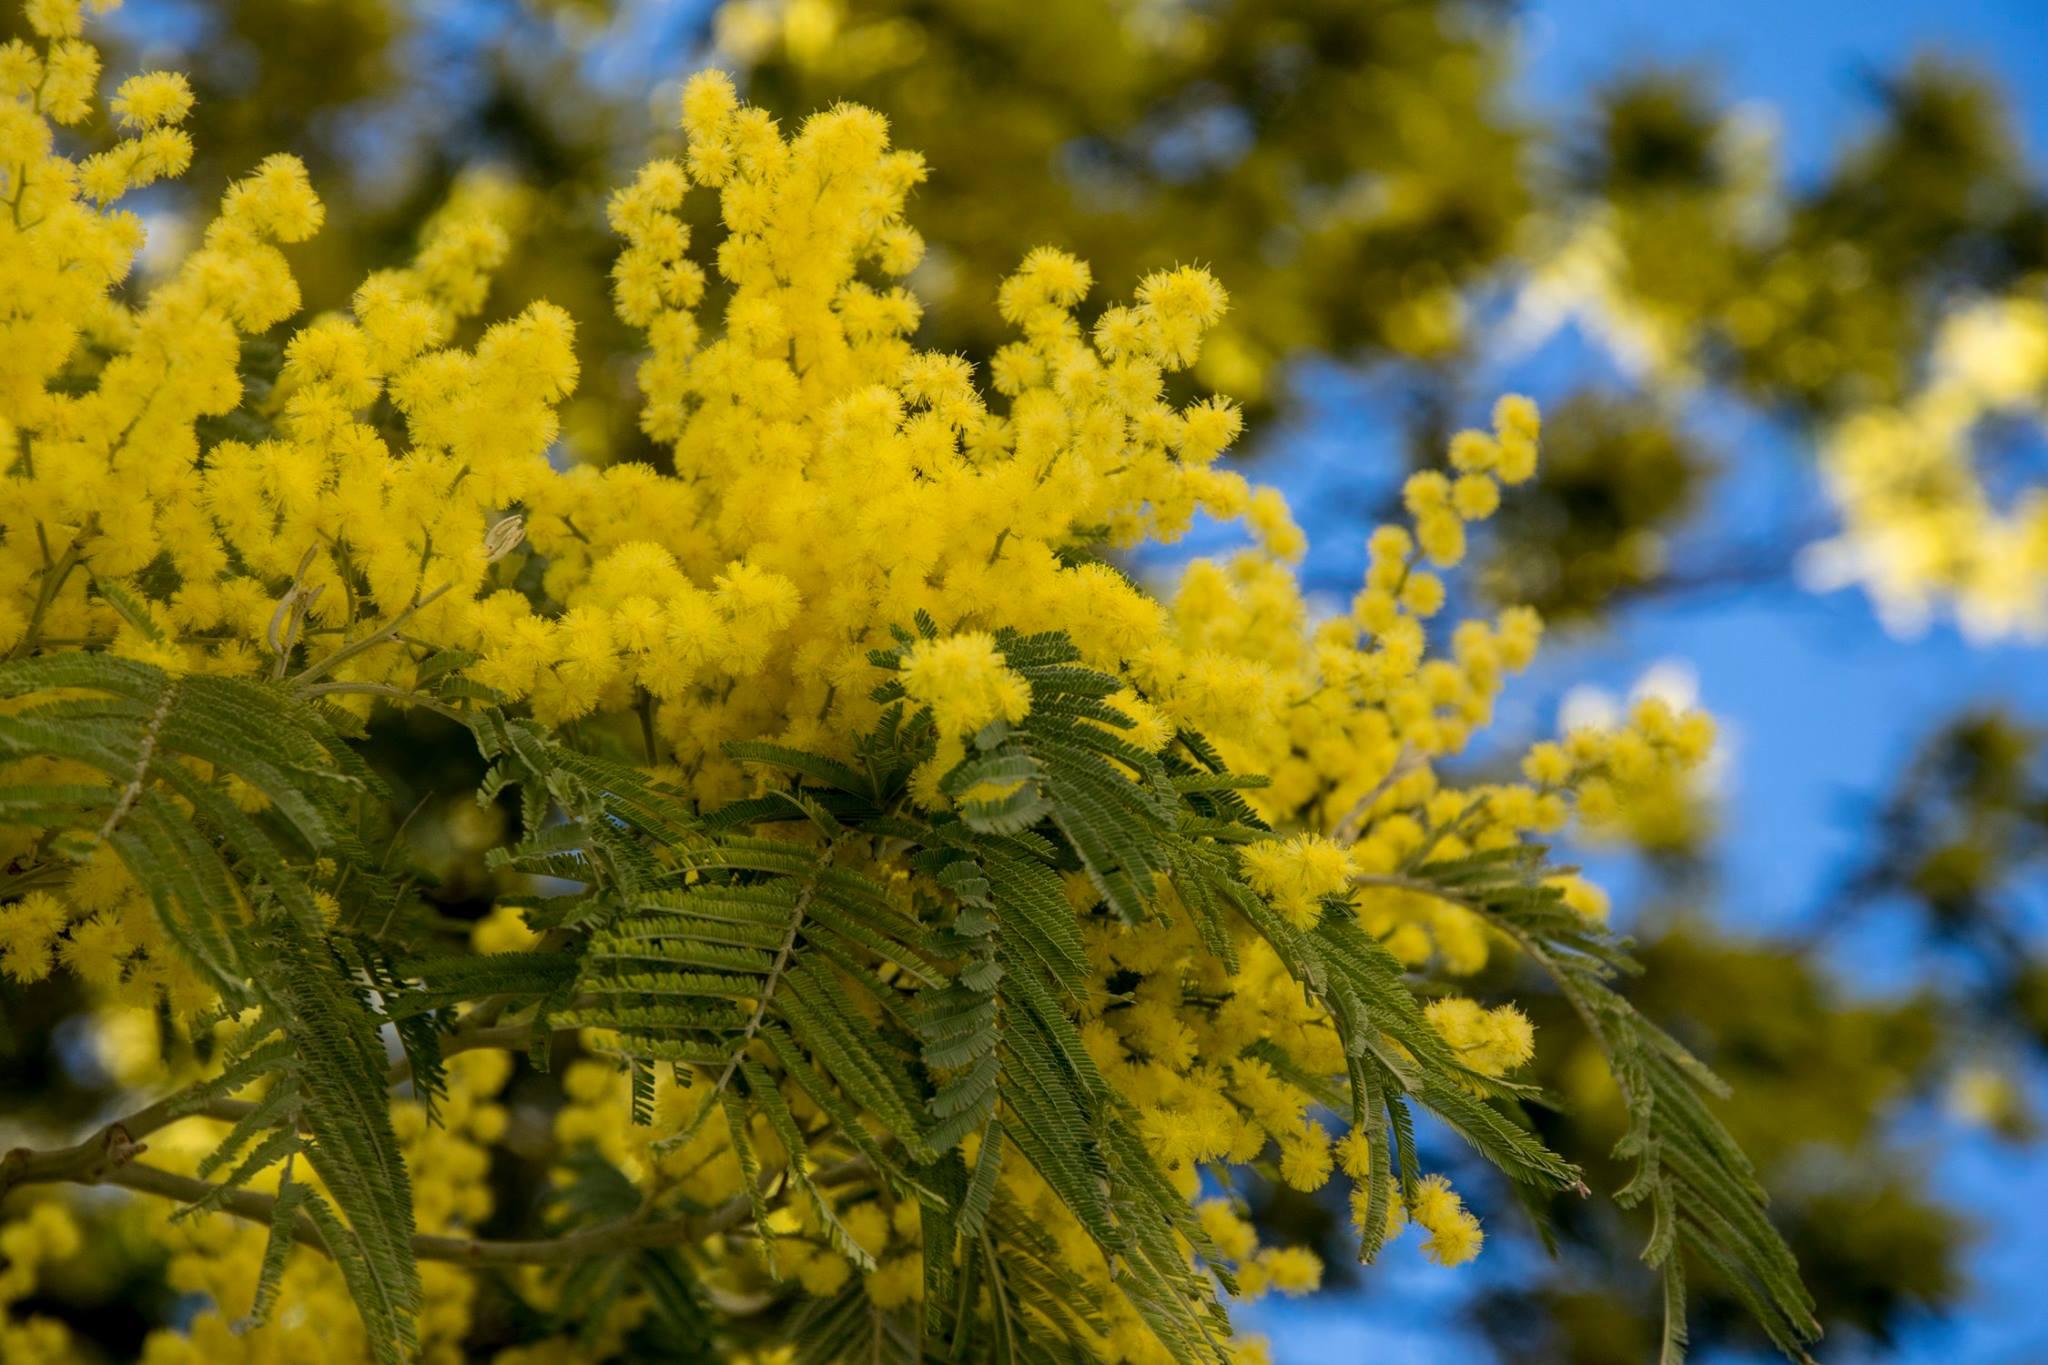 заросли мимозы. Блиц: желтые цветы